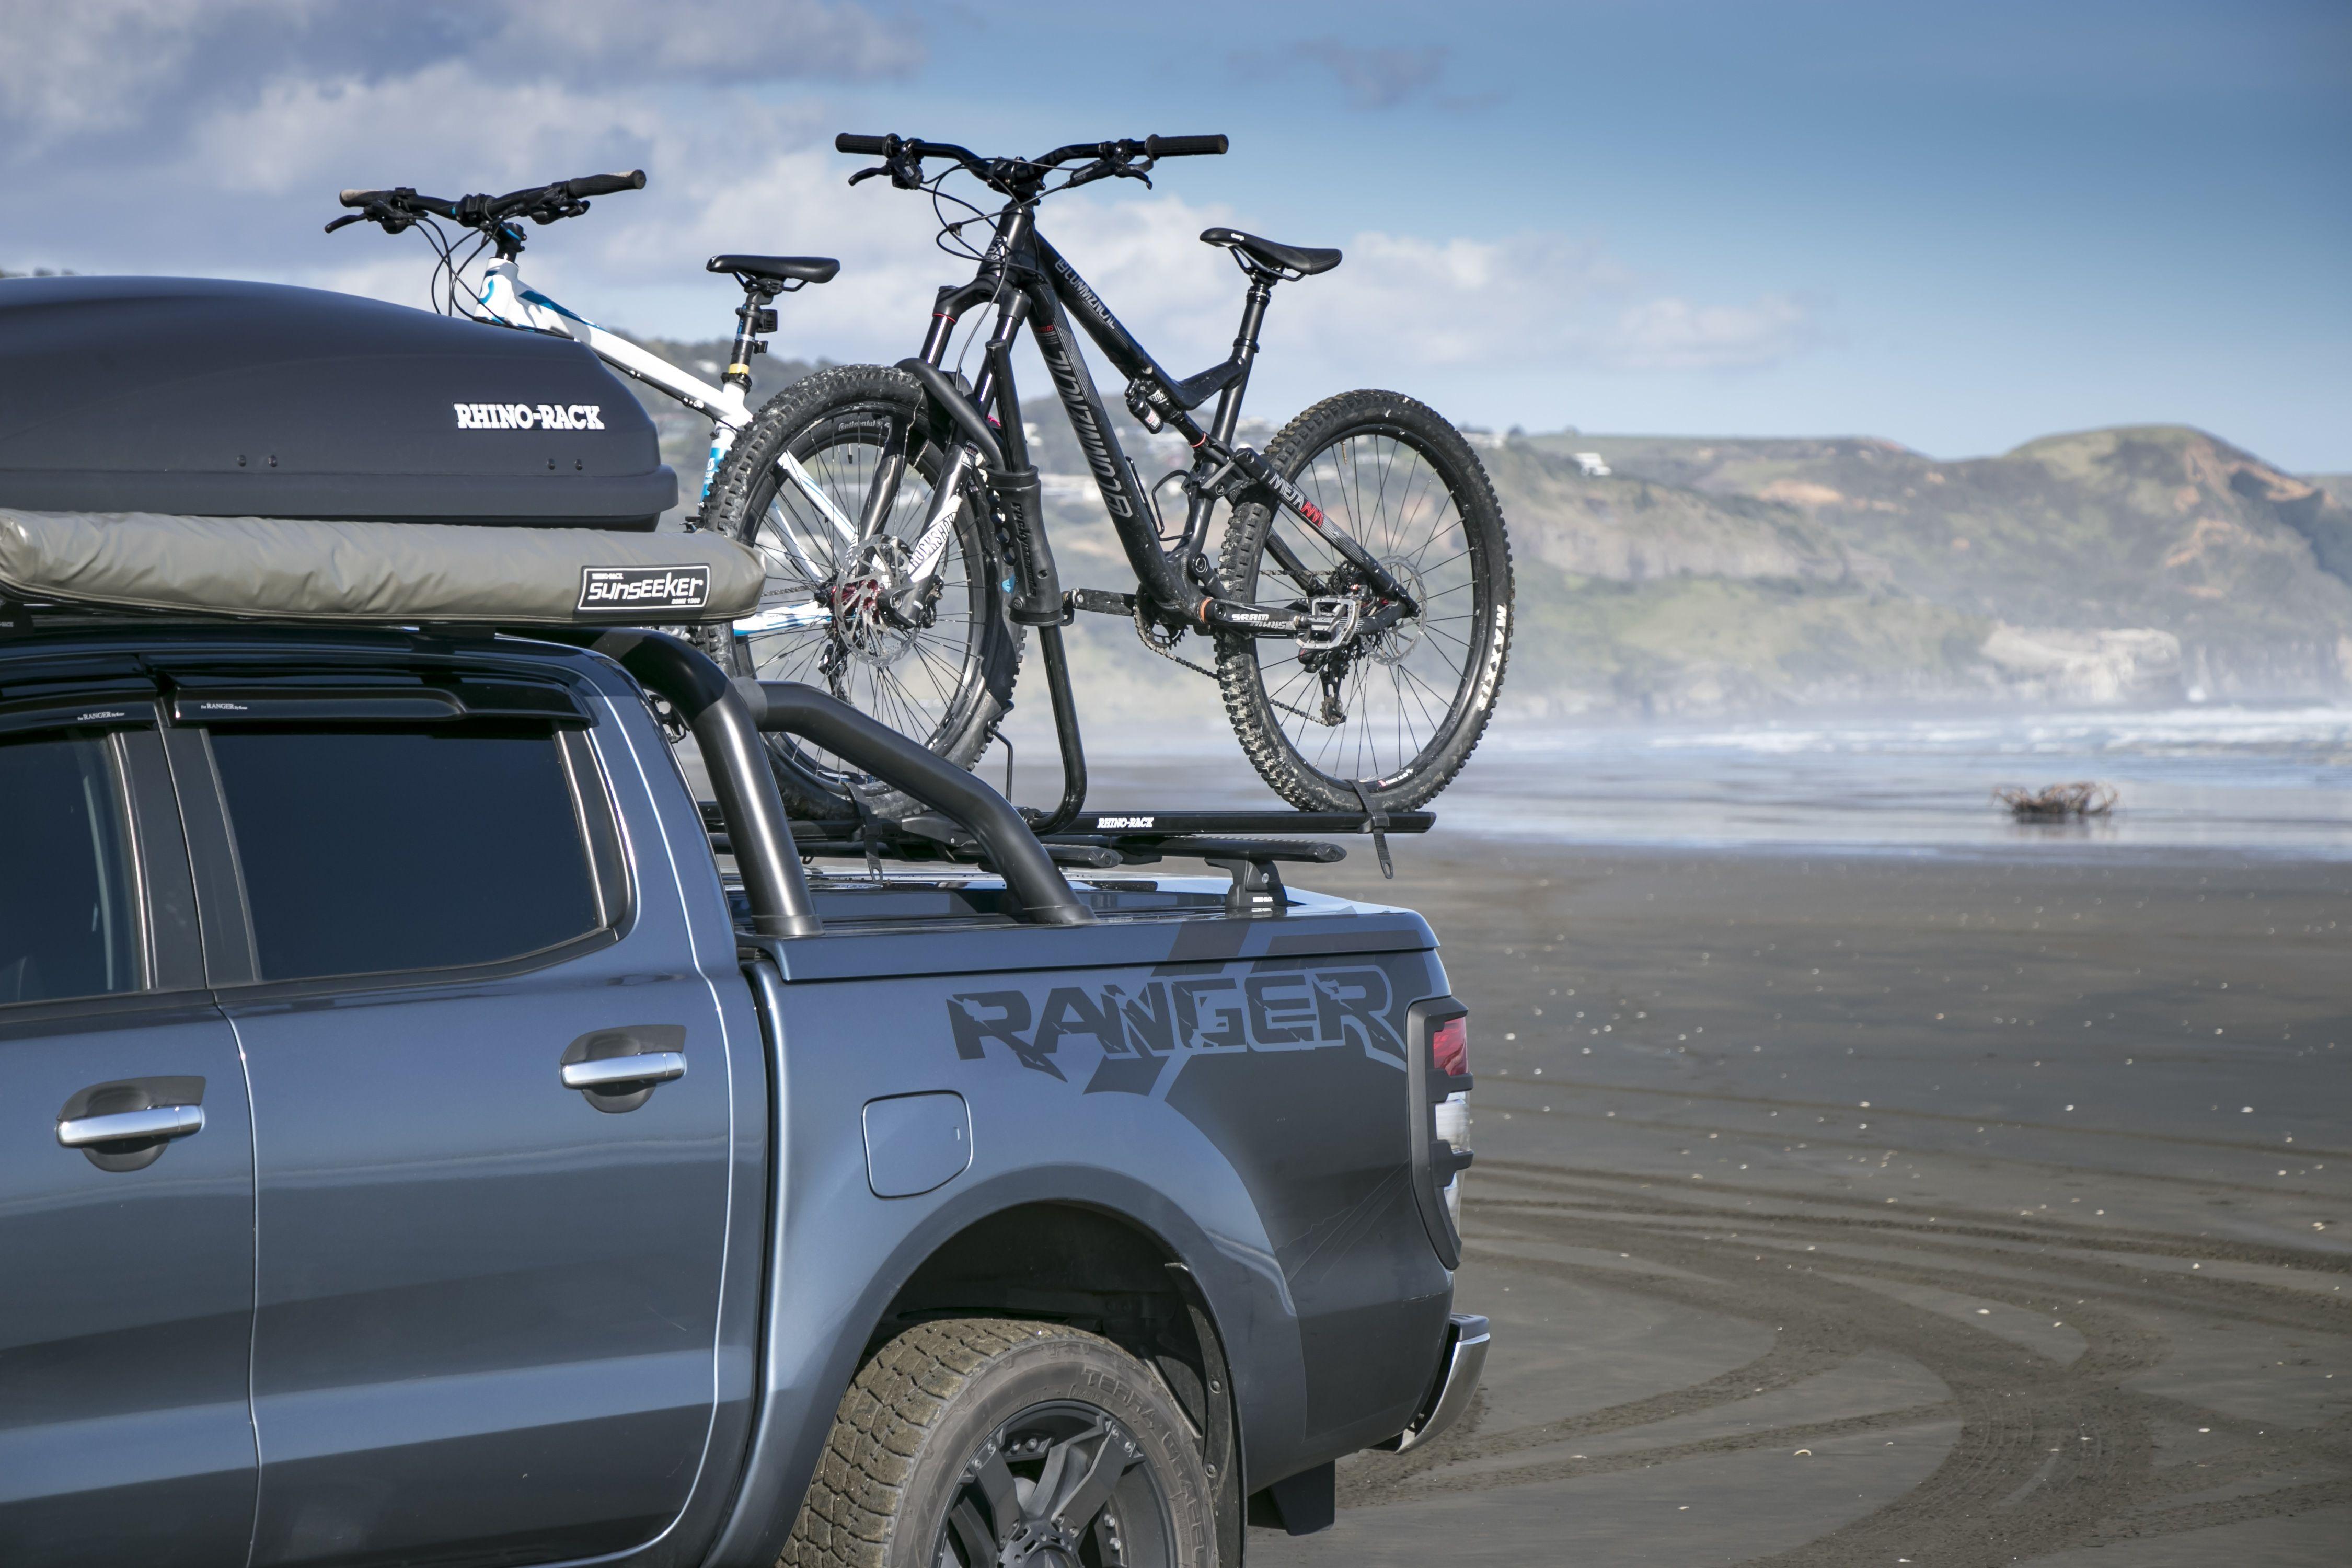 Camper Shell Side Mount Bike Racks Utilizing Unistrut Pickup